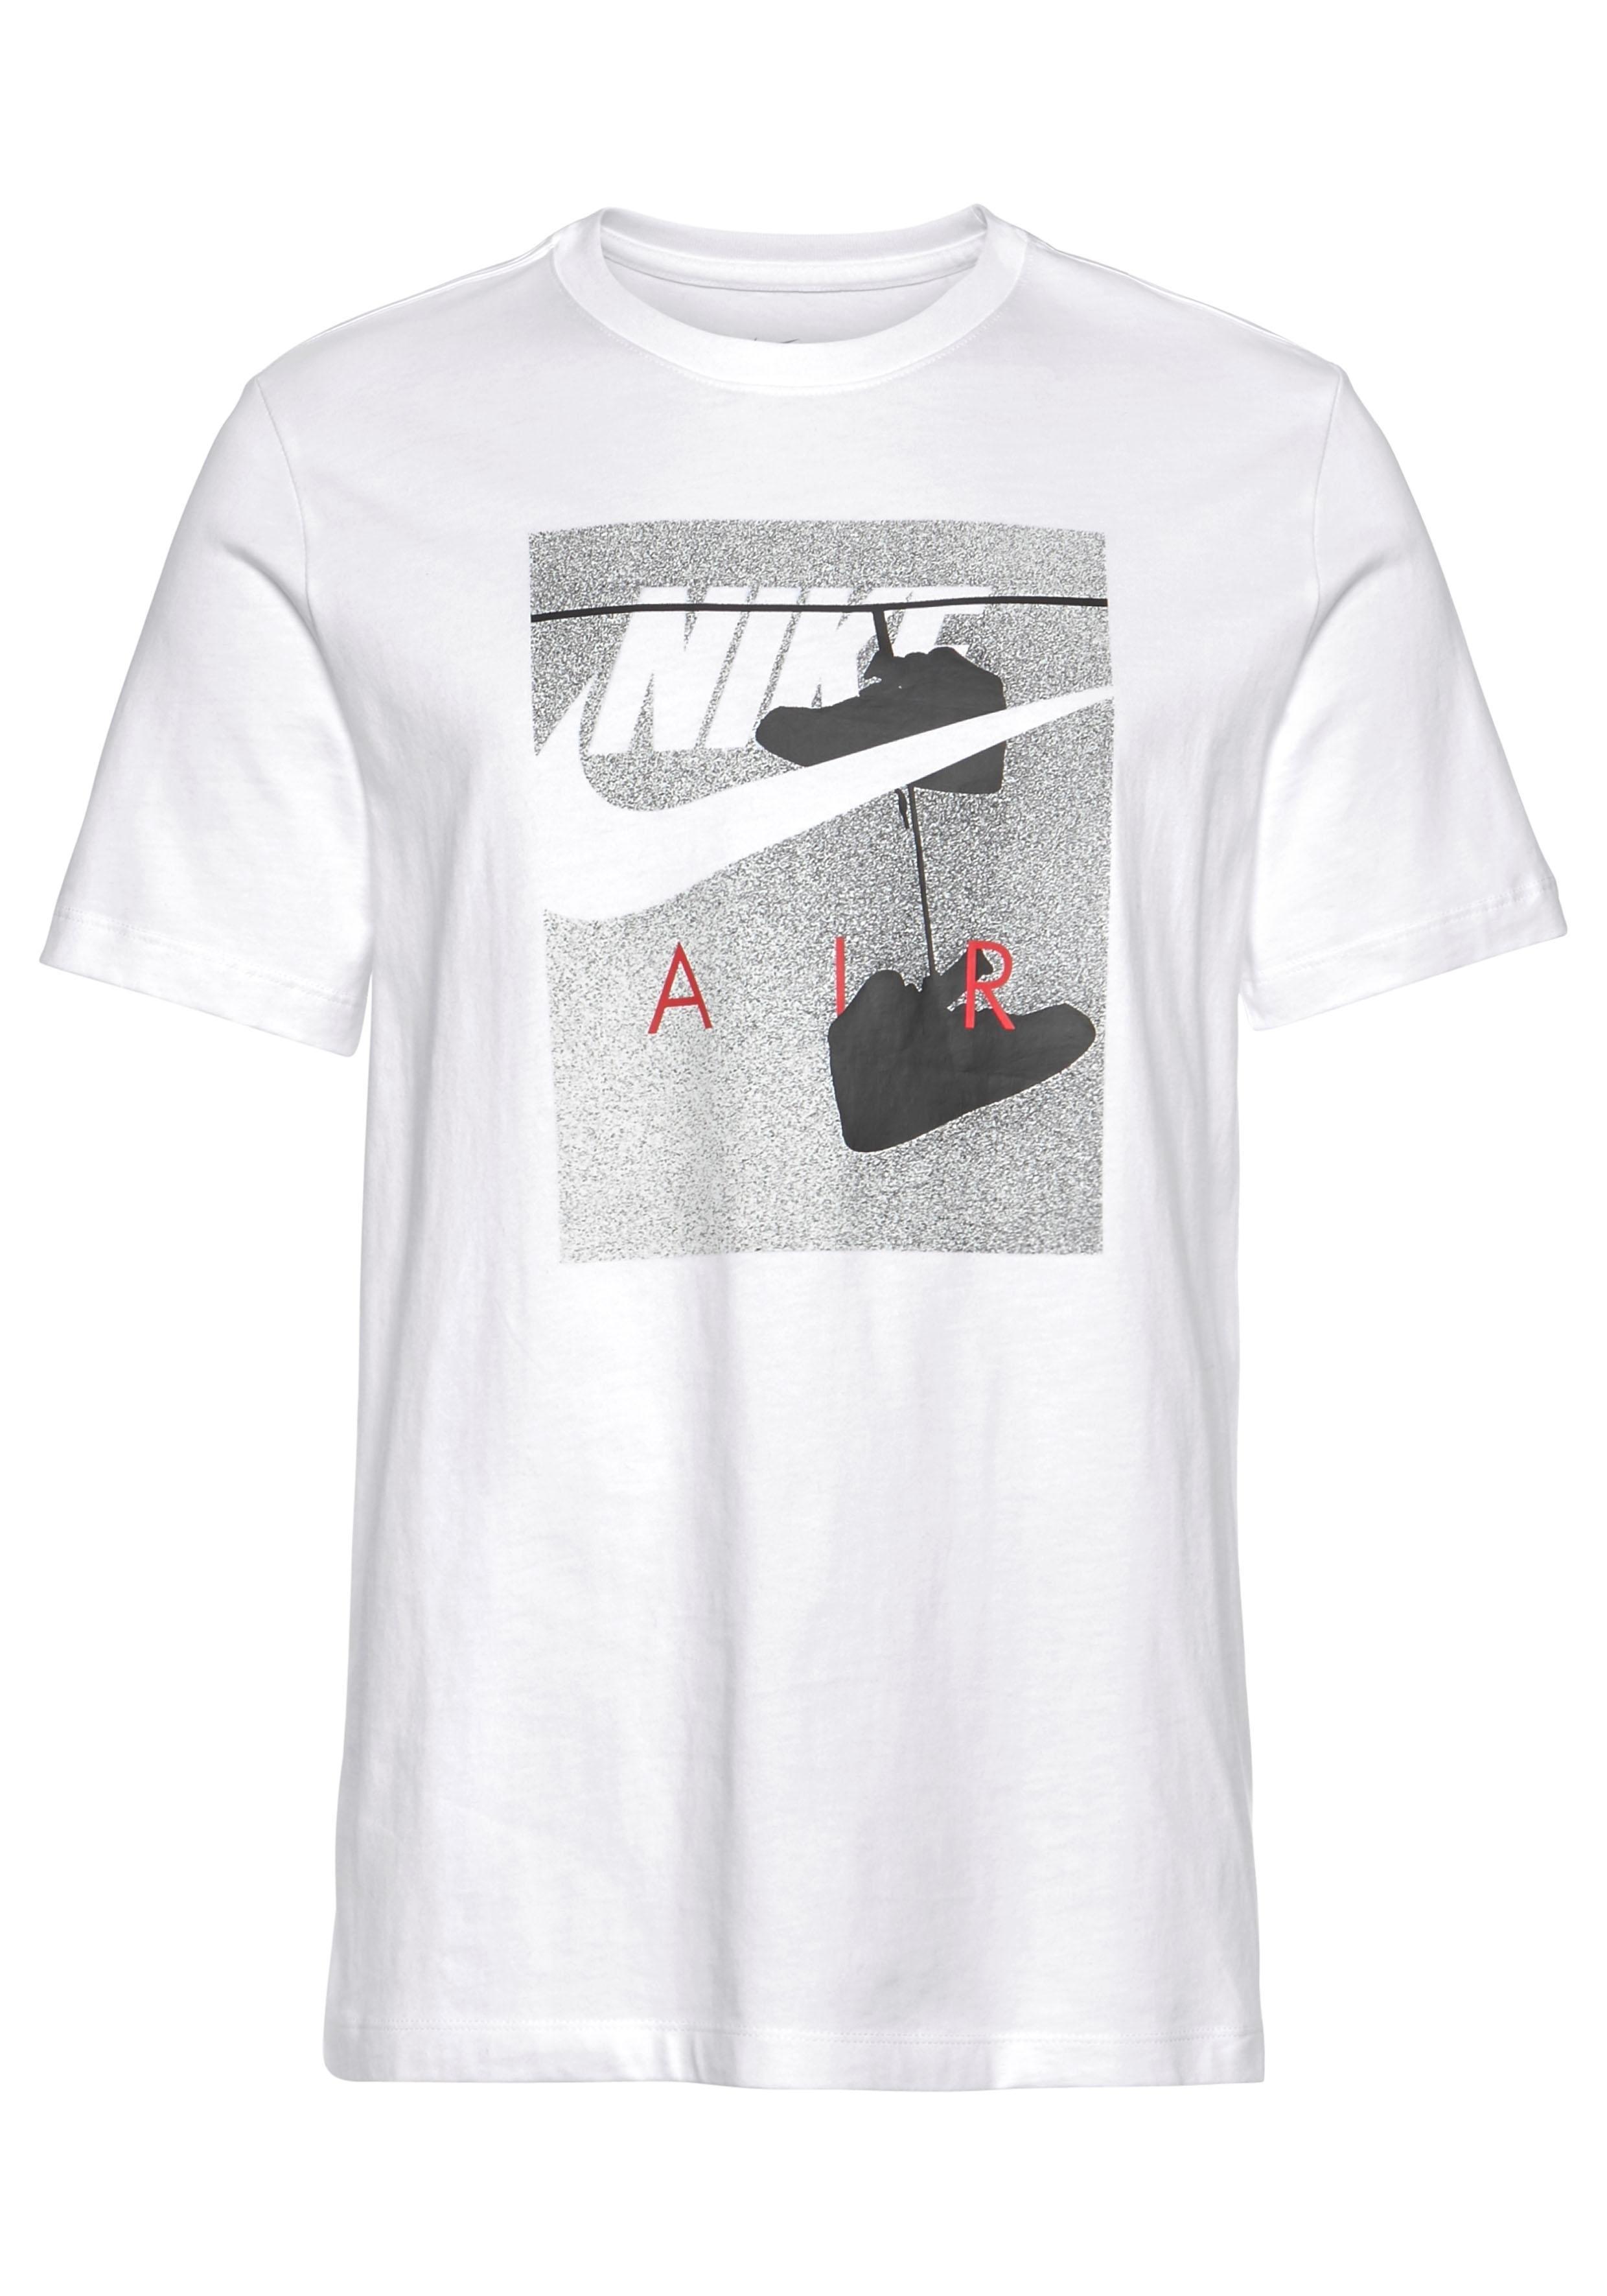 shirtm T Nsw Tee Makkelijk Sportswear Nikeair Fence Nike Gekocht Photo Tl1FKJc